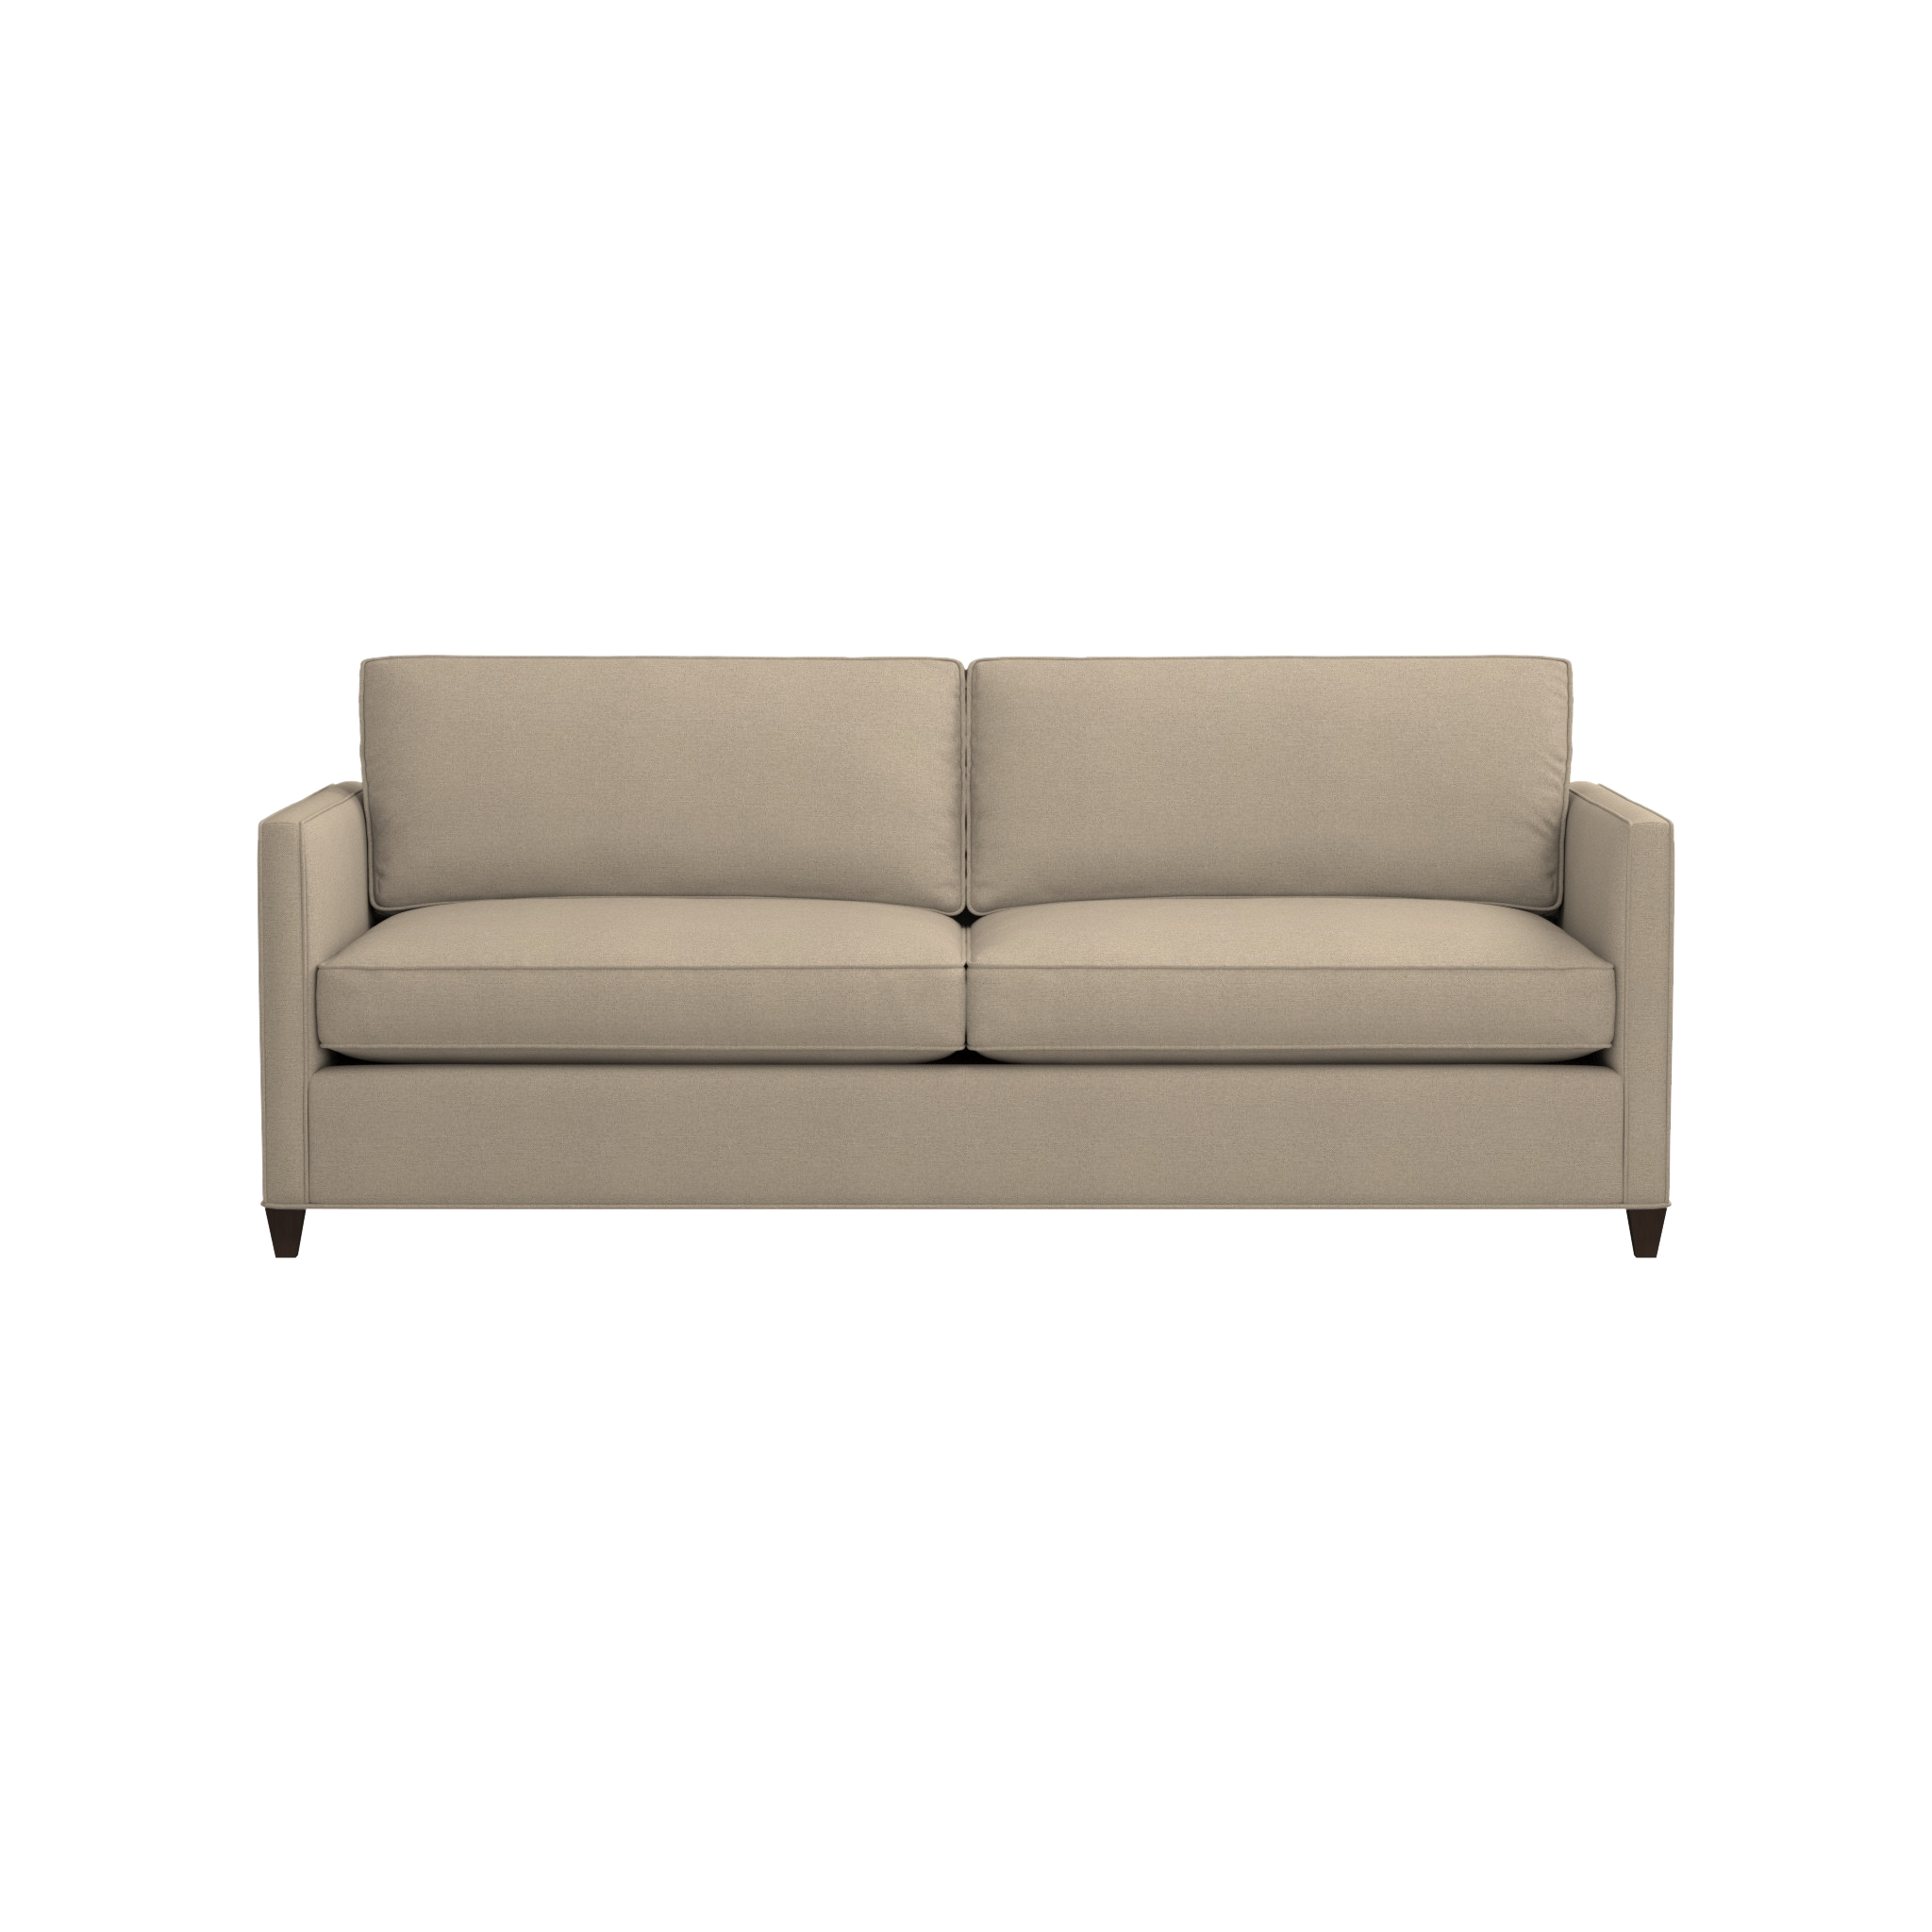 Dryden Queen Sleeper Sofa | Crate And Barrel In Crate And Barrel Sleeper Sofas (Image 8 of 20)